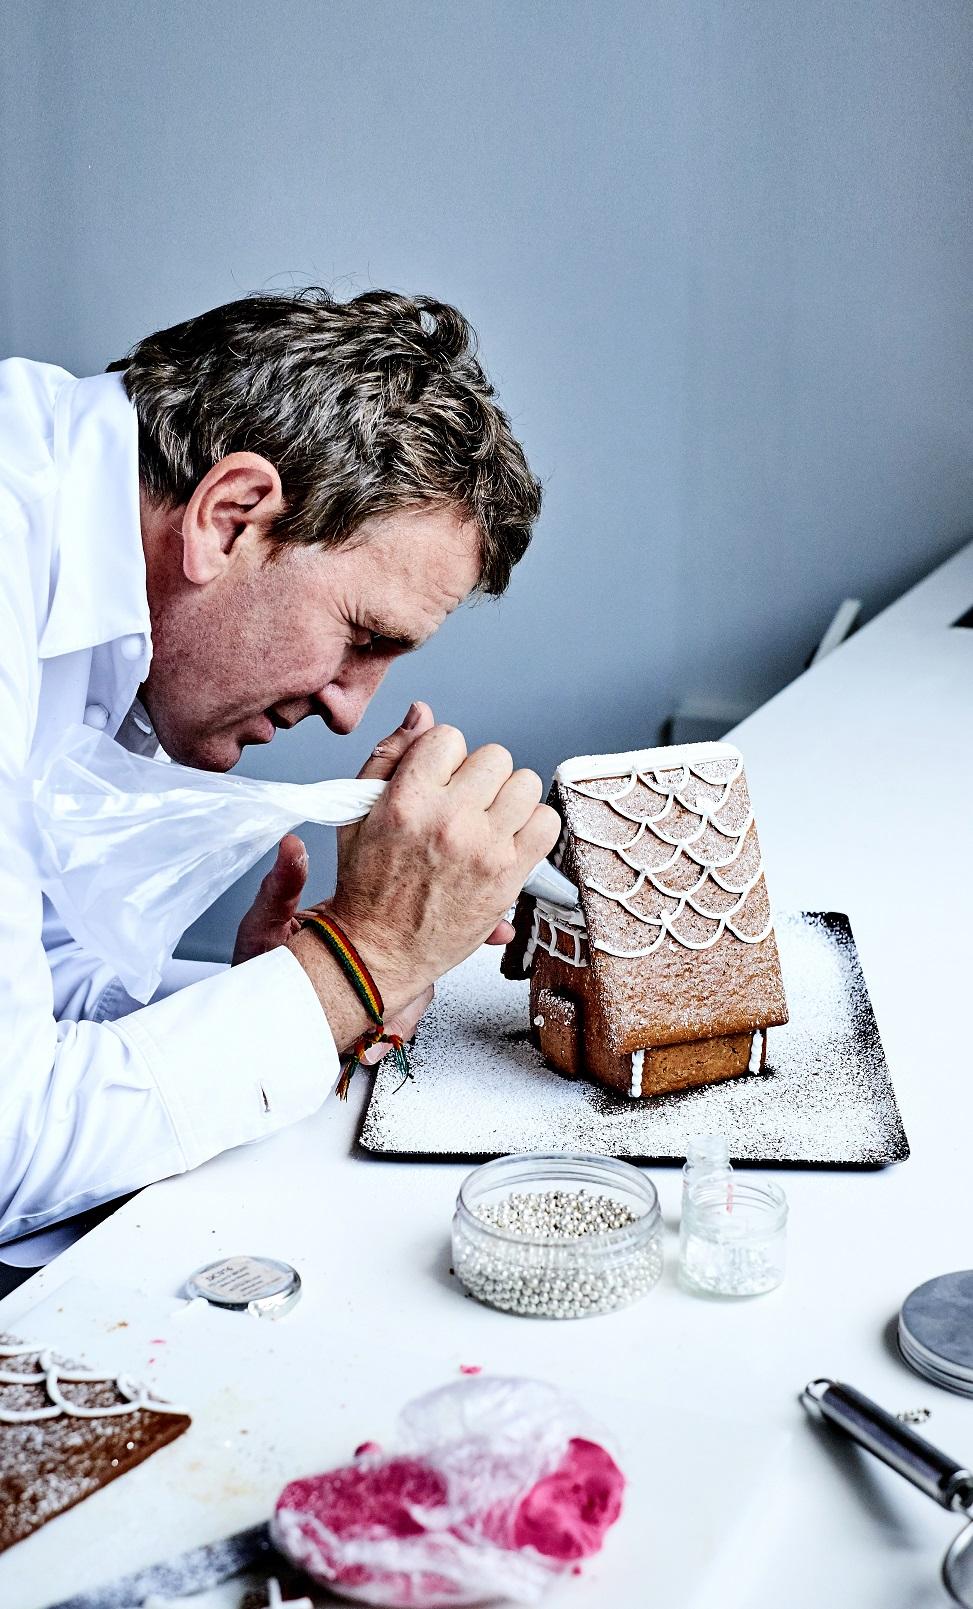 Maison en pain d 39 pices ingr dients comment faire une for Pain d epices maison